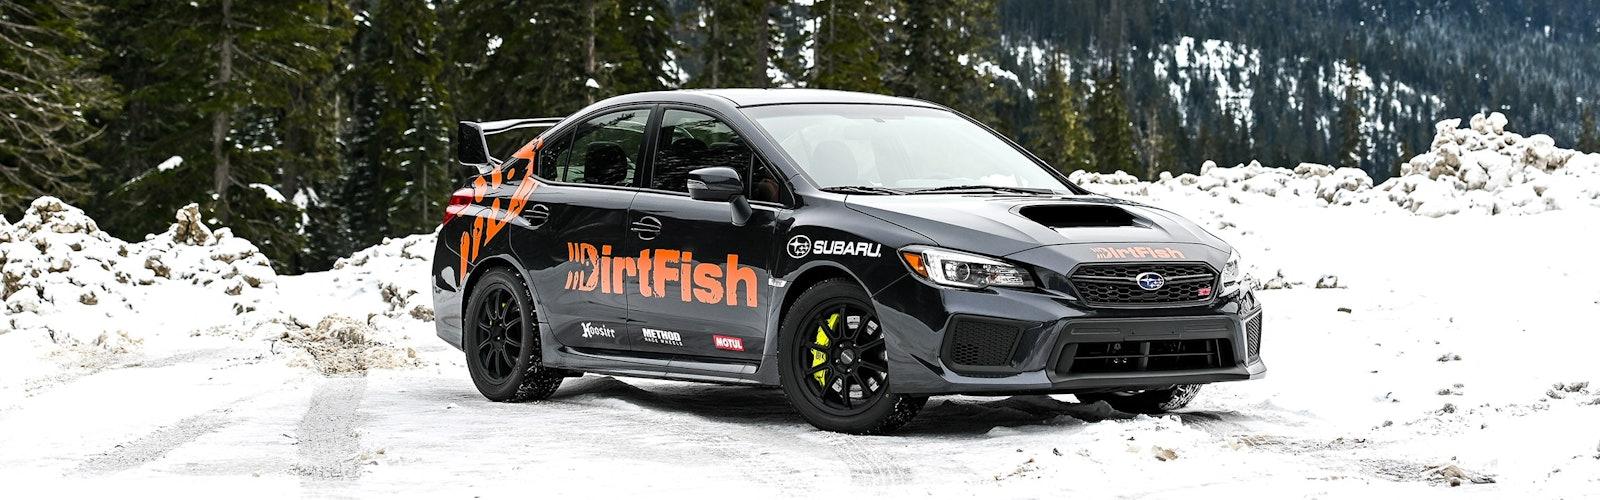 Subaru-WRX-Snow